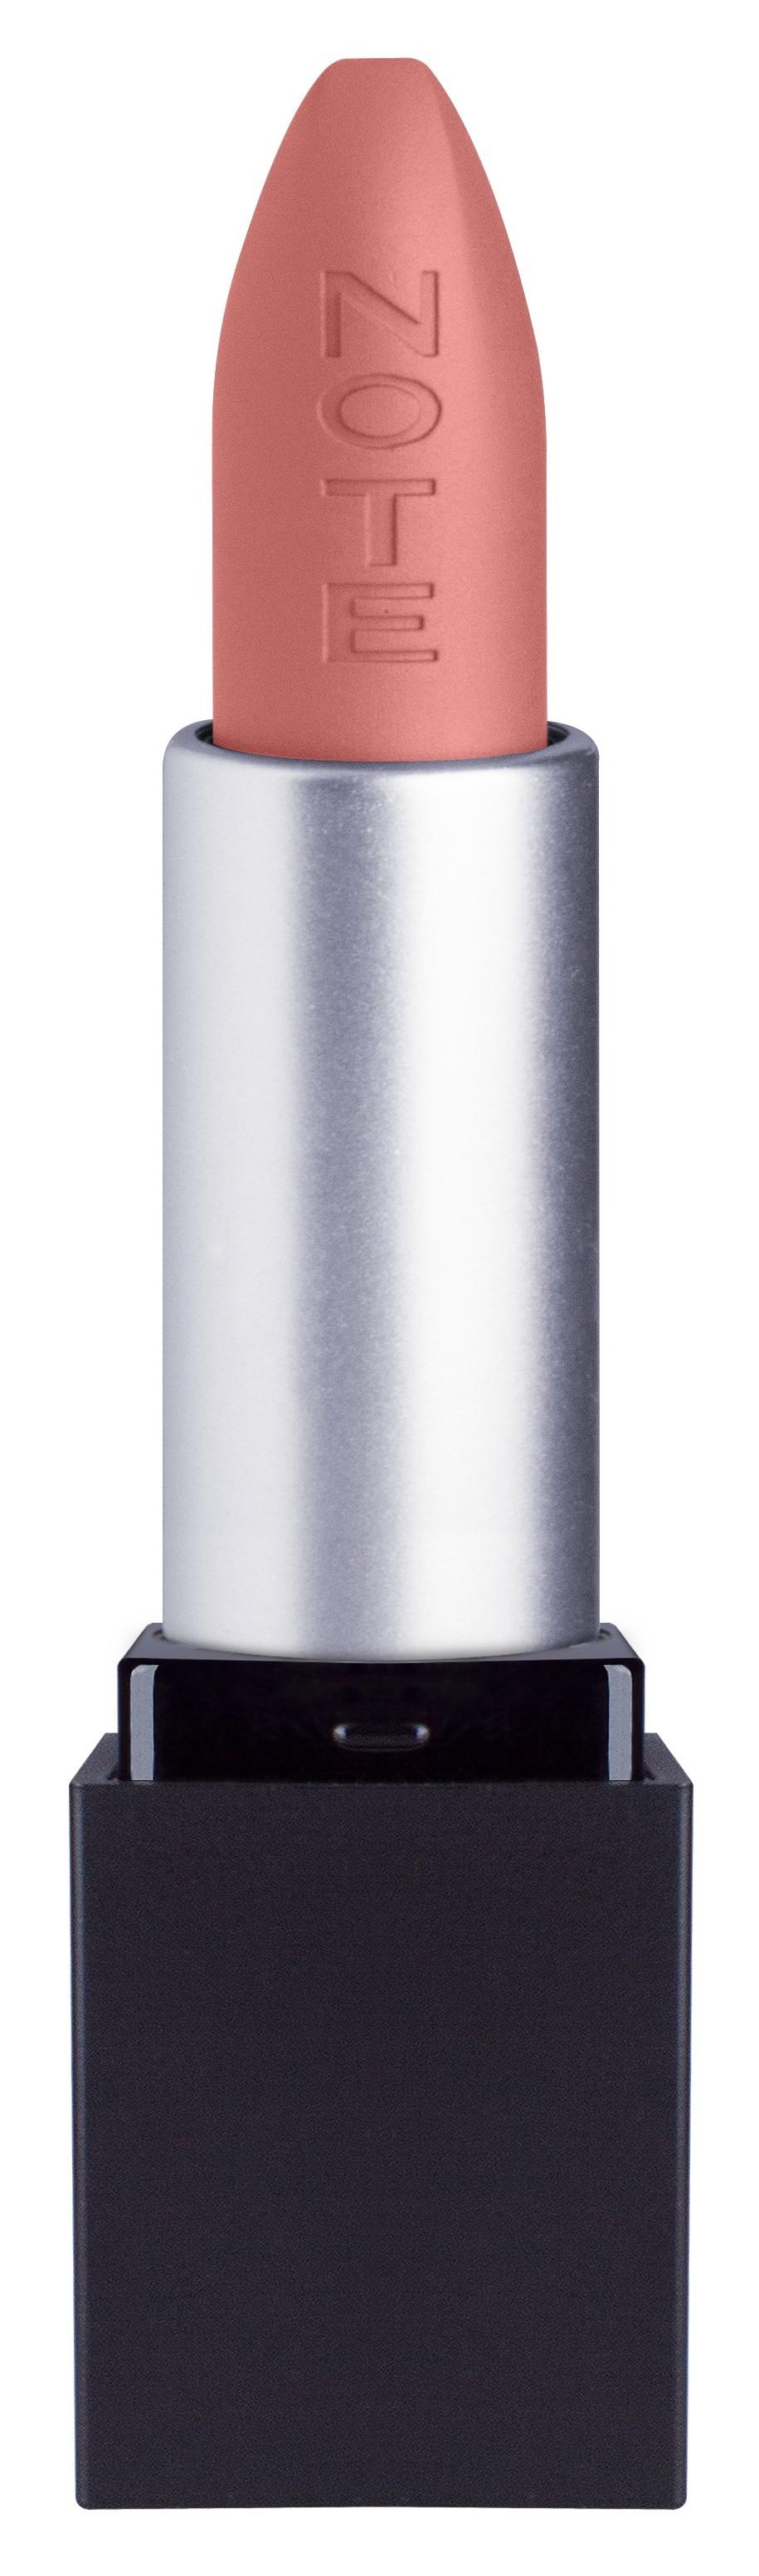 Купить NOTE Cosmetics Помада стойкая матовая для губ 07 / MATTEVER LIPSTICK 4, 5 г